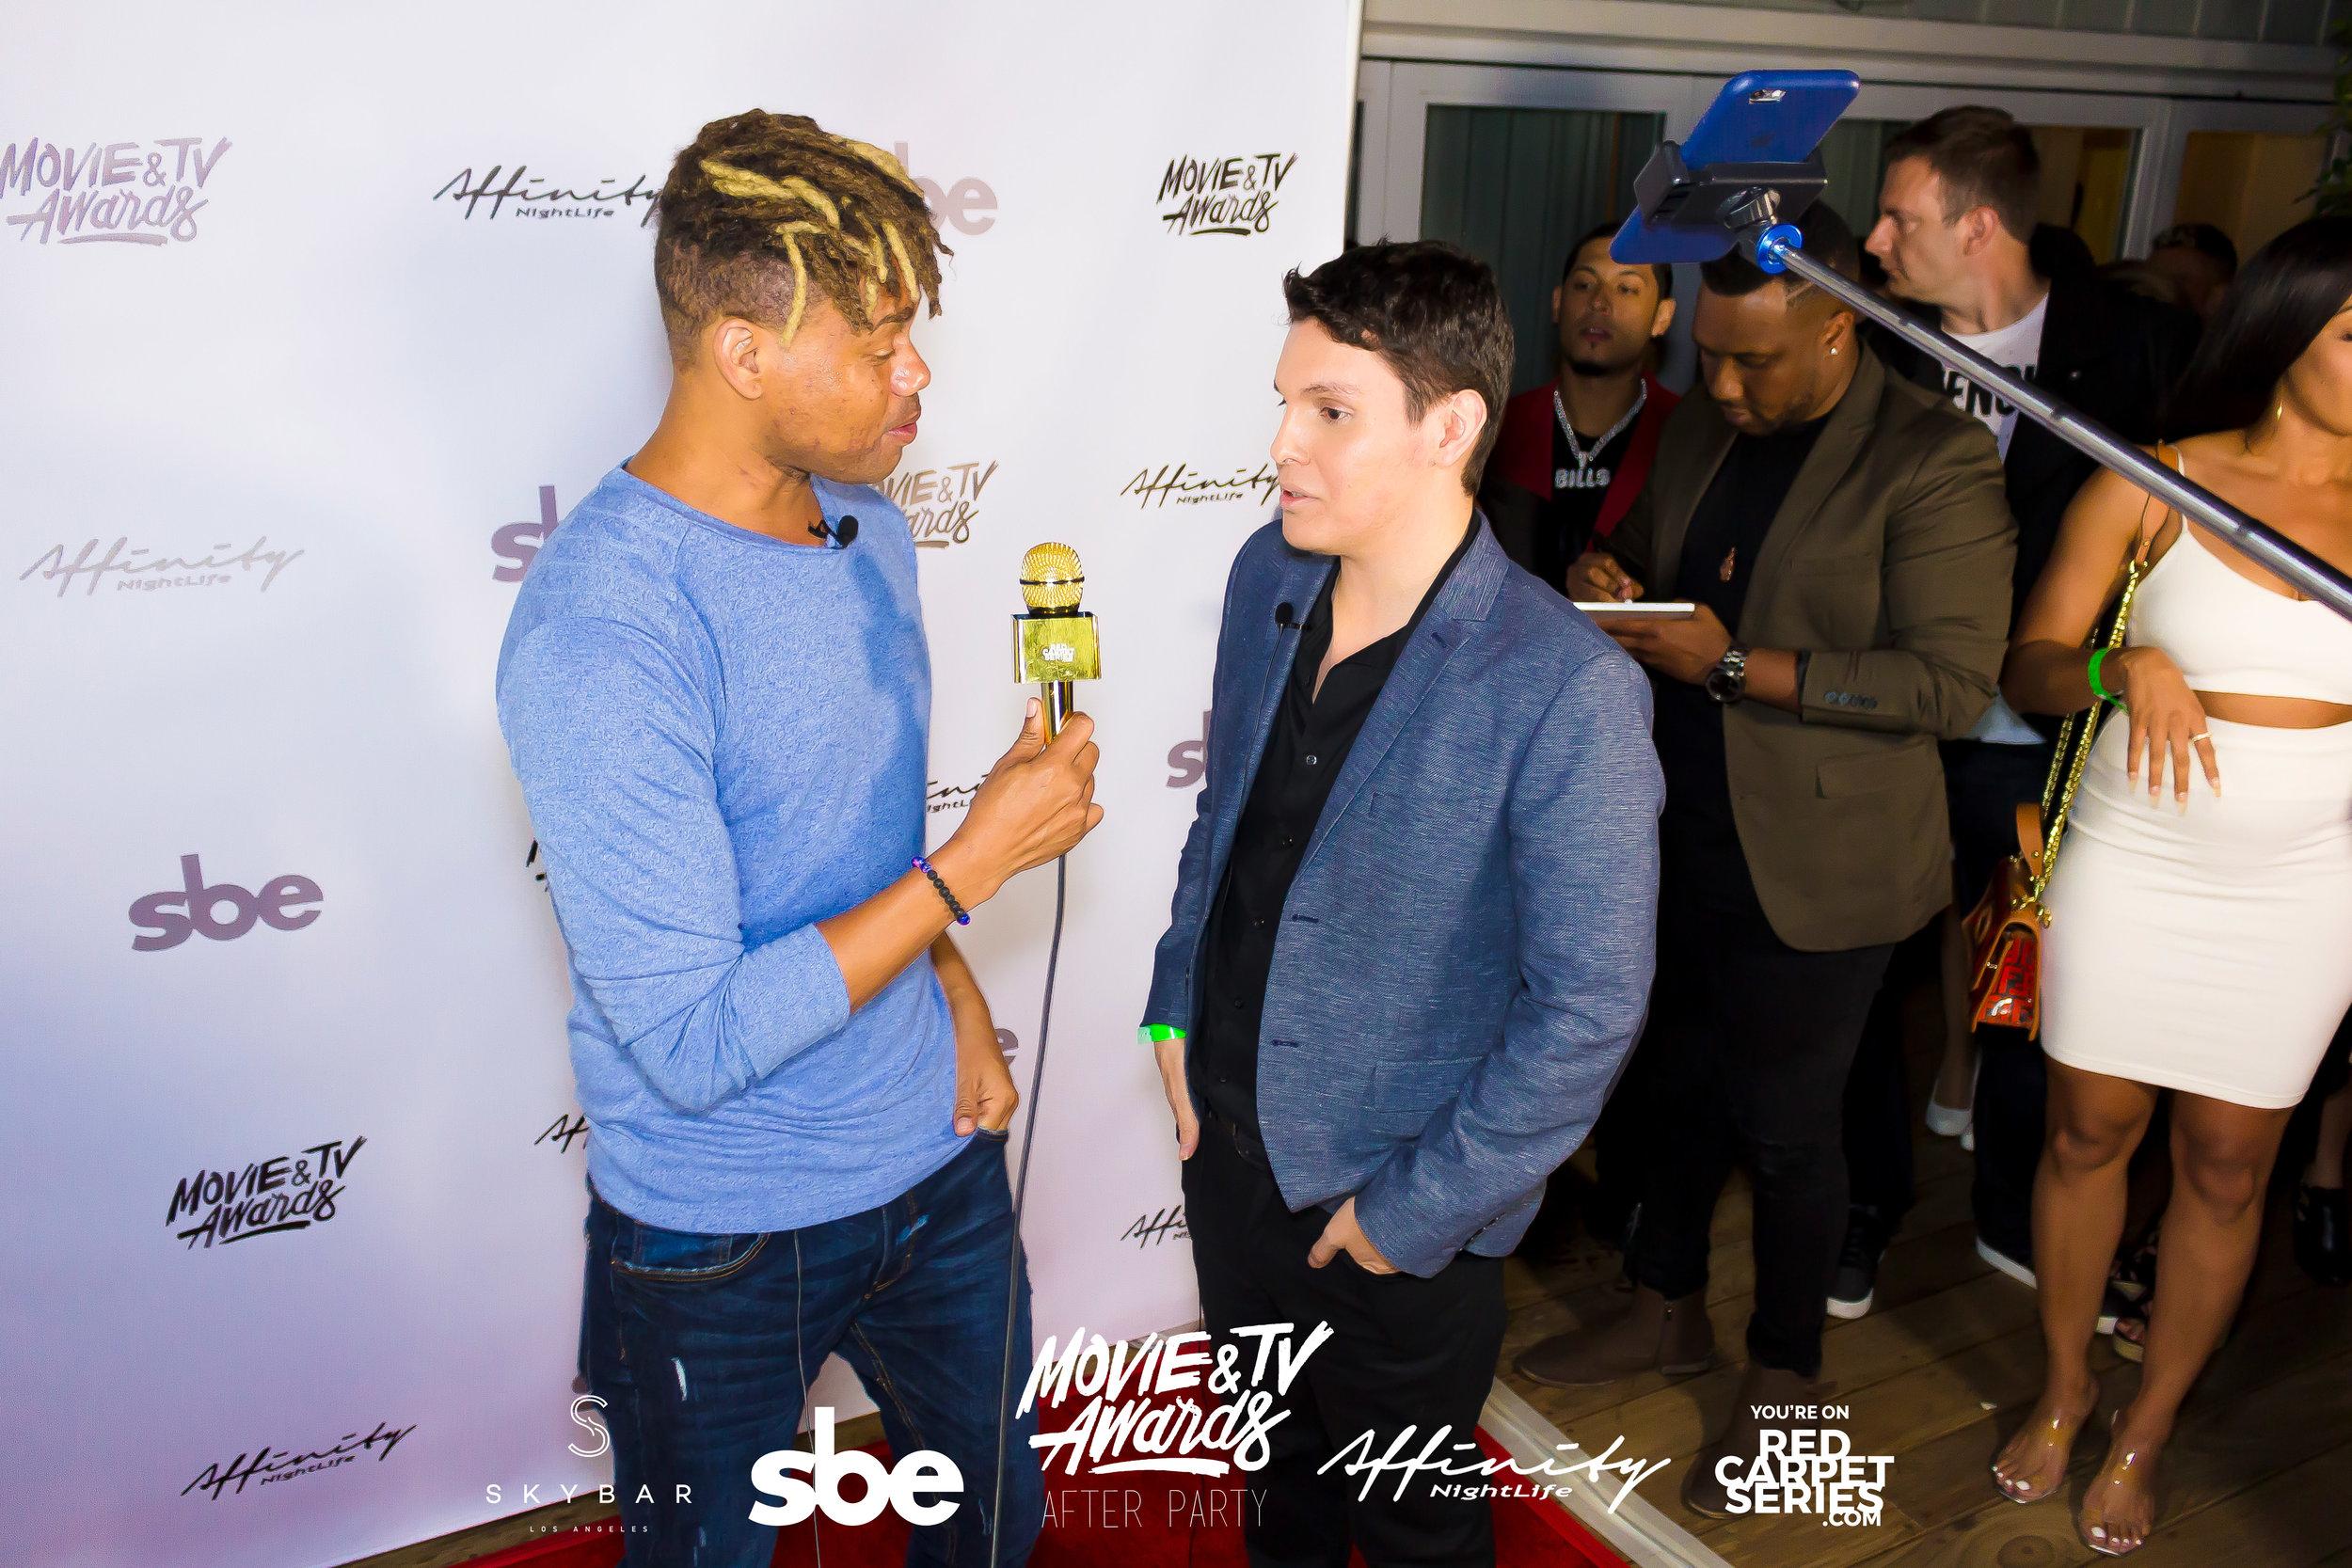 Affinity Nightlife MTV Movie & TV Awards After Party - Skybar at Mondrian - 06-15-19 - Vol. 1_51.jpg